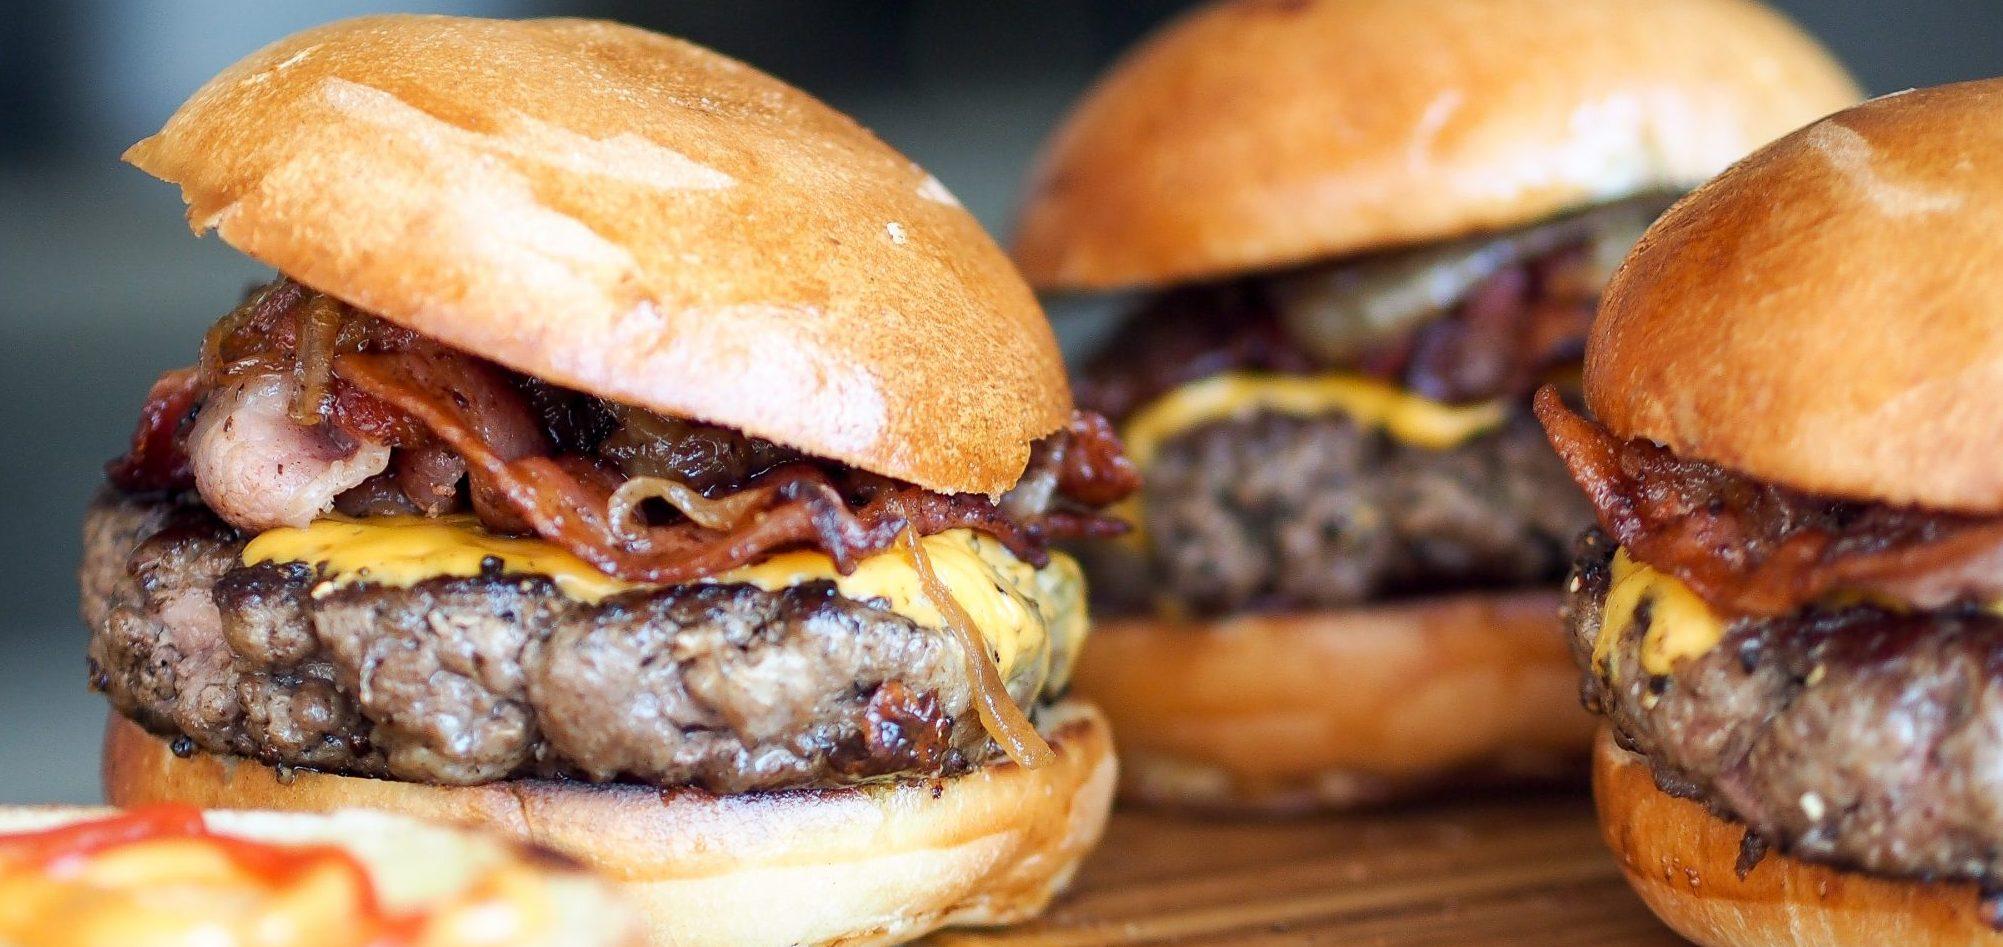 burger-731298